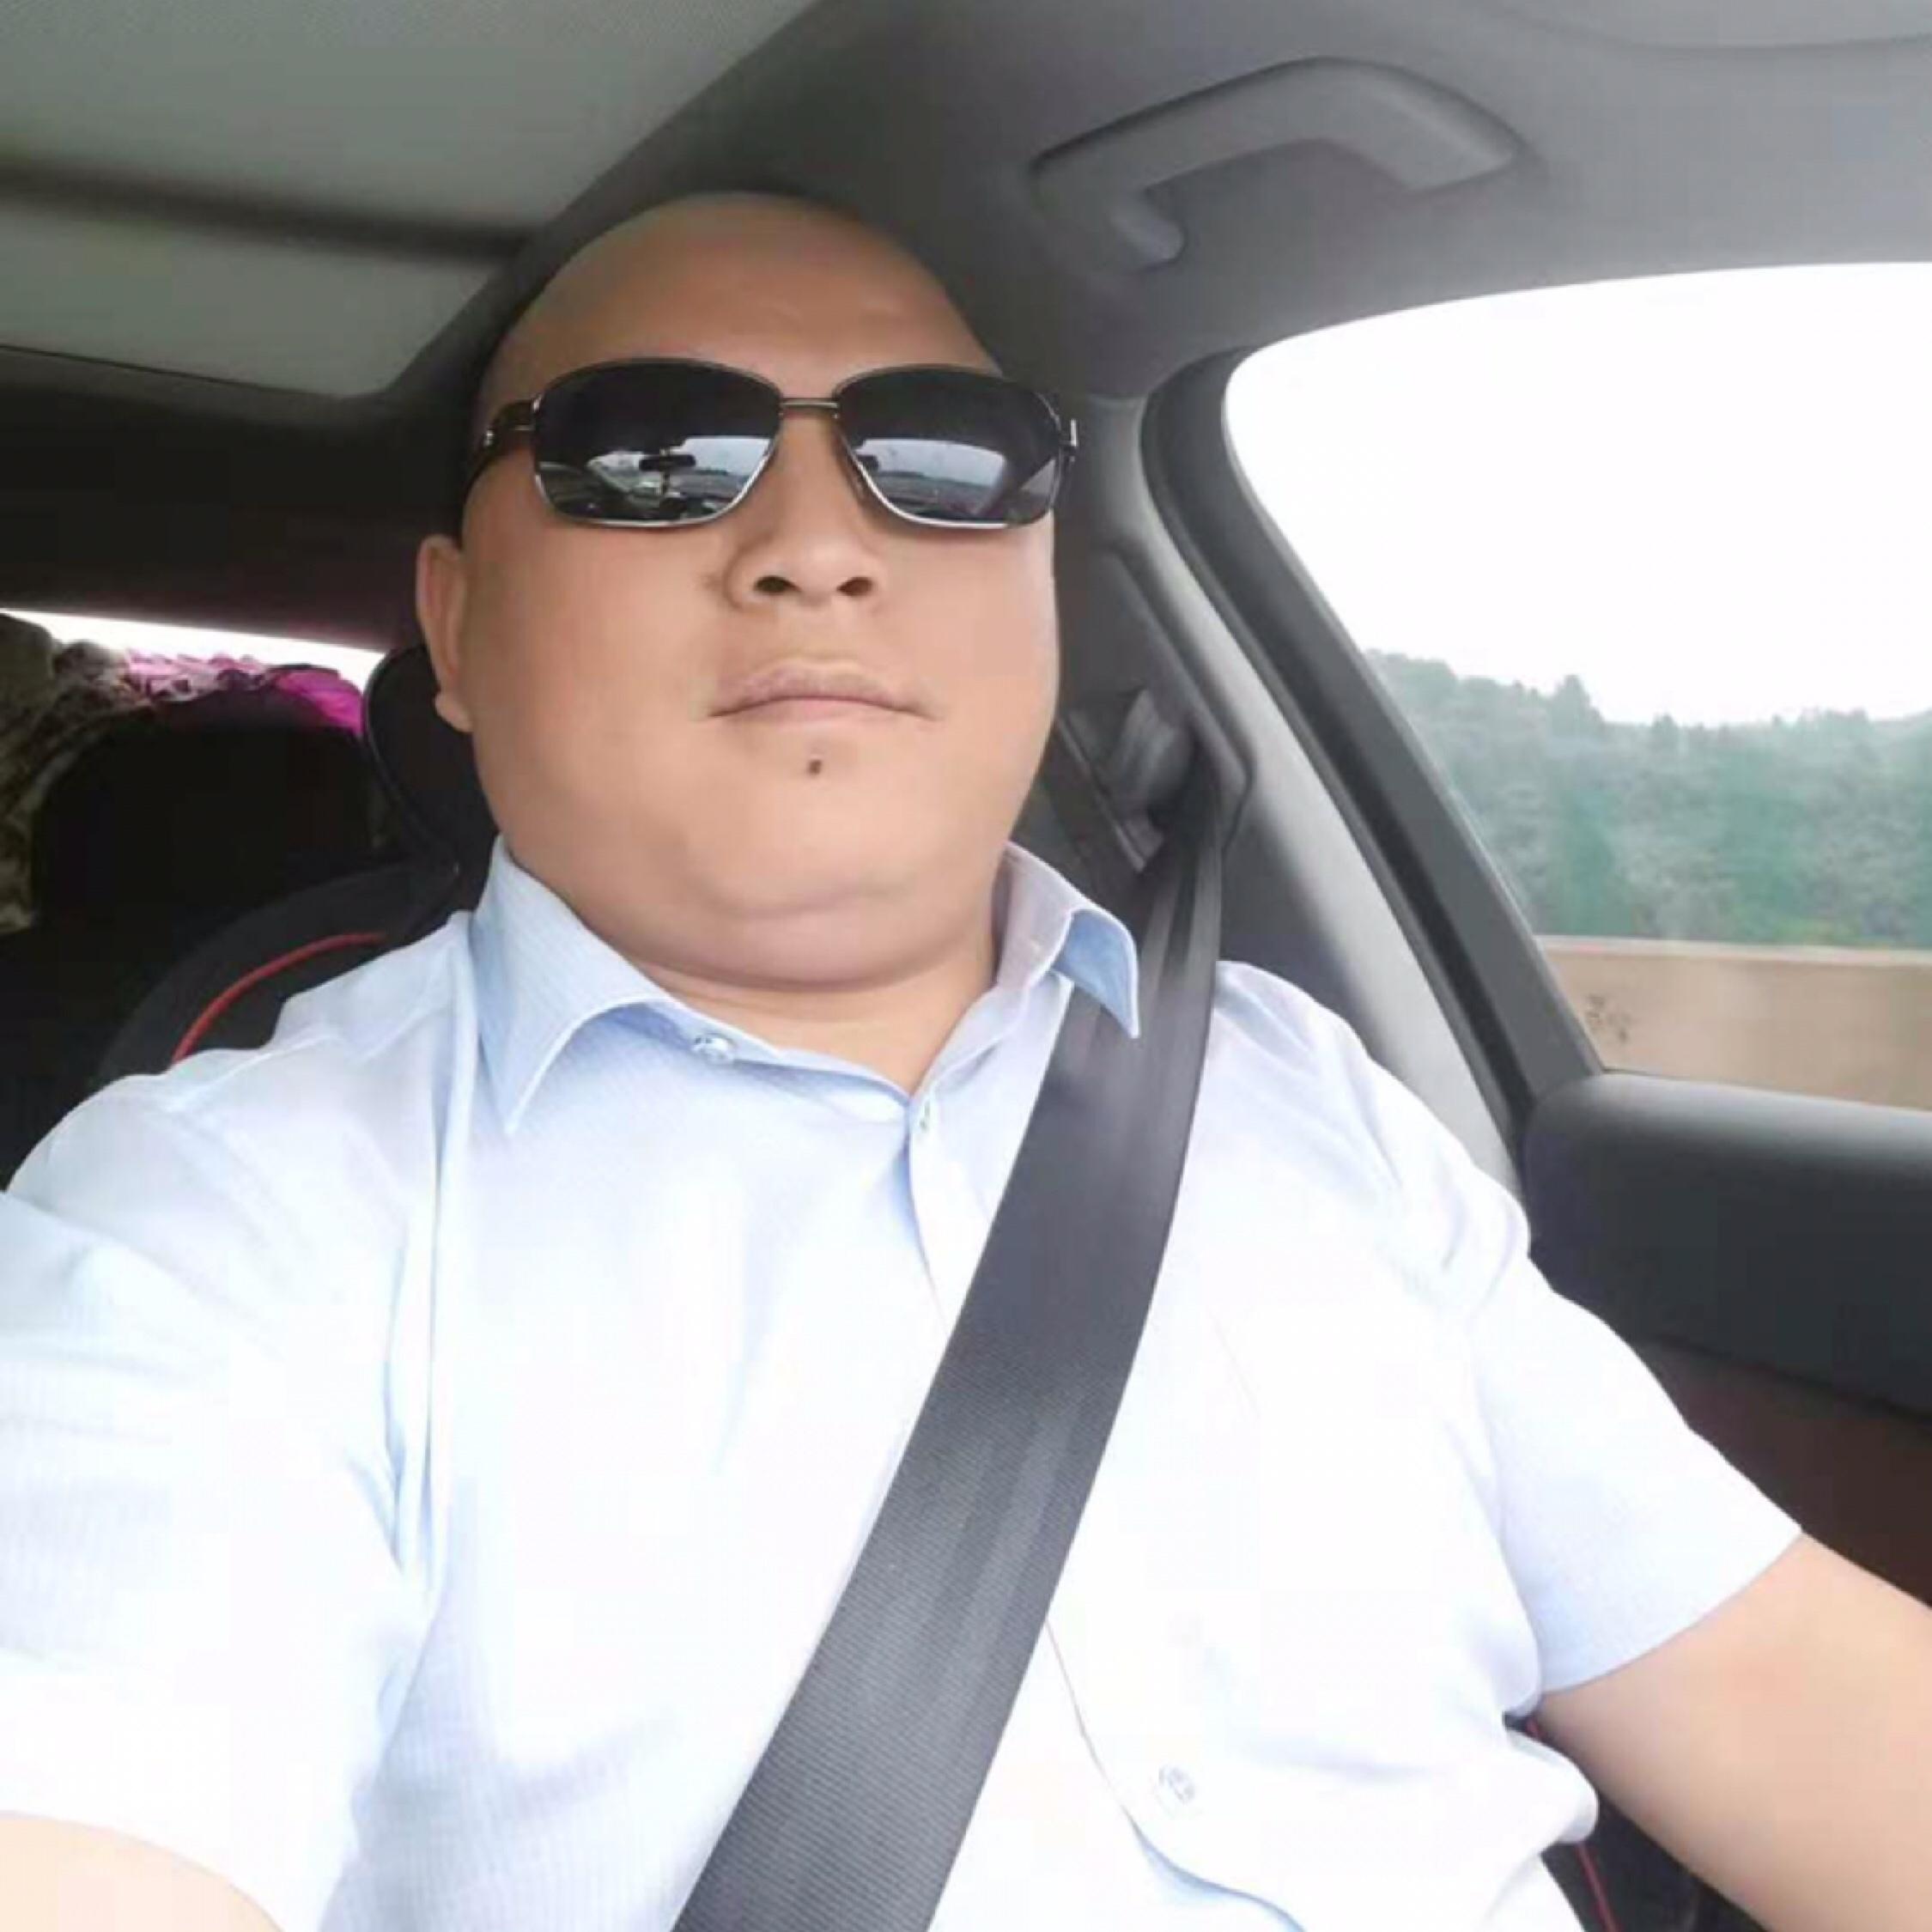 zhouxiaojun